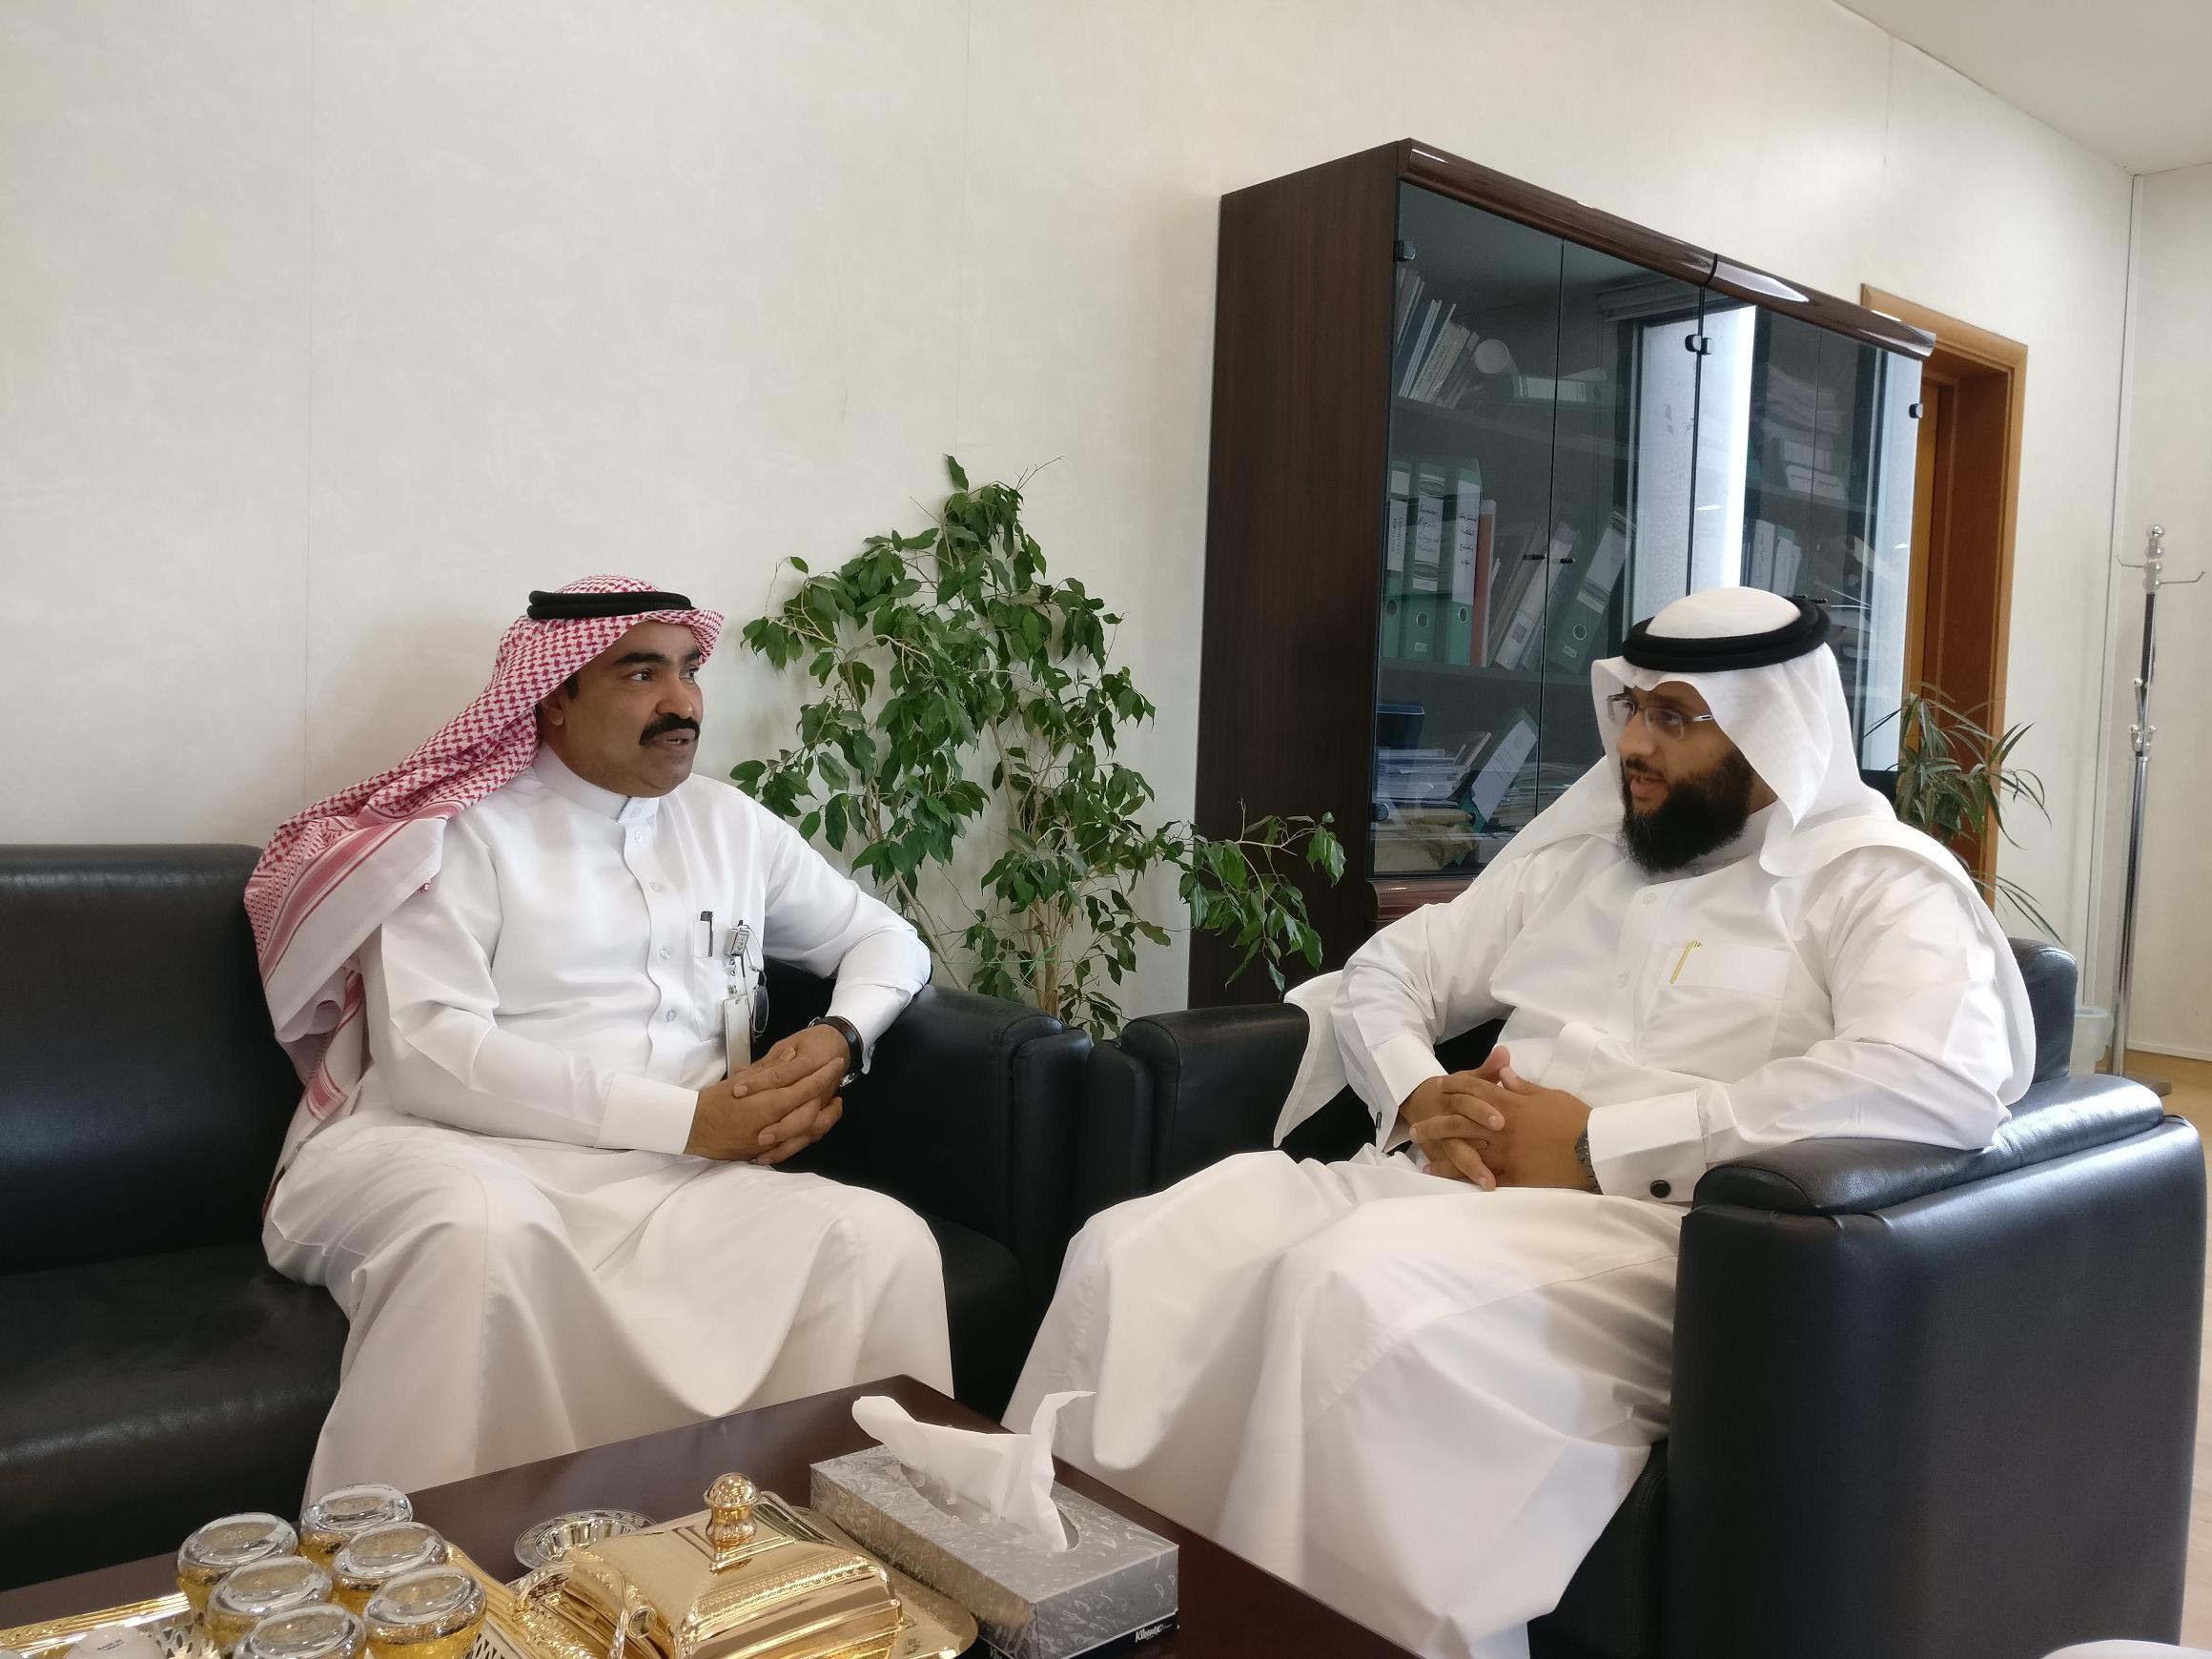 الأخبار اجتماع بين الصحة وجامعة الملك فيصل لمناقشة